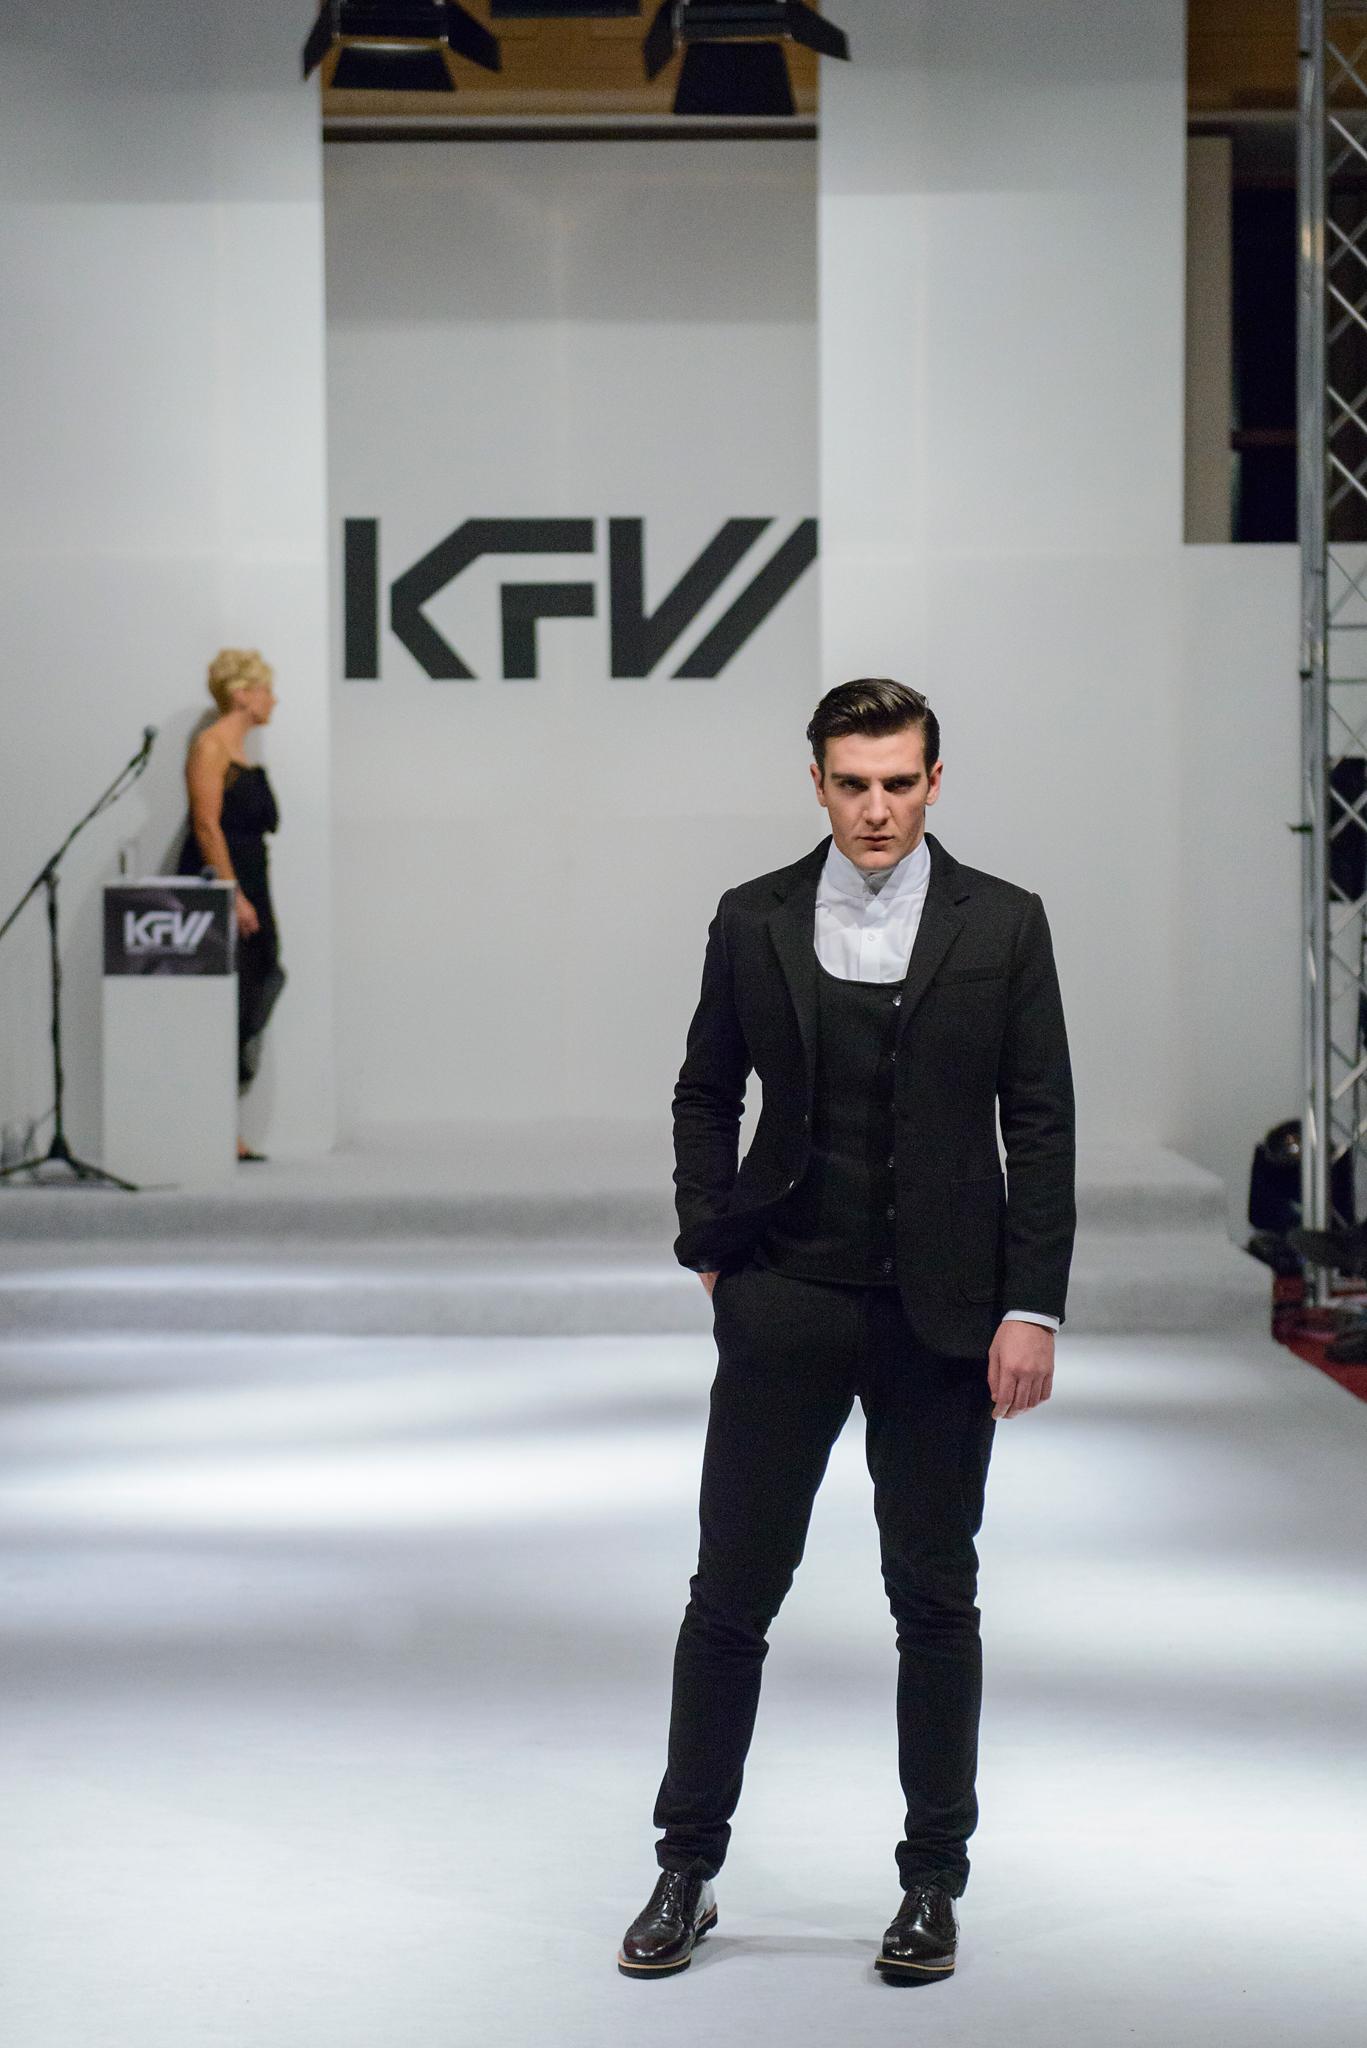 KFW16_Irish Fashion Industry Awards_0224.jpg